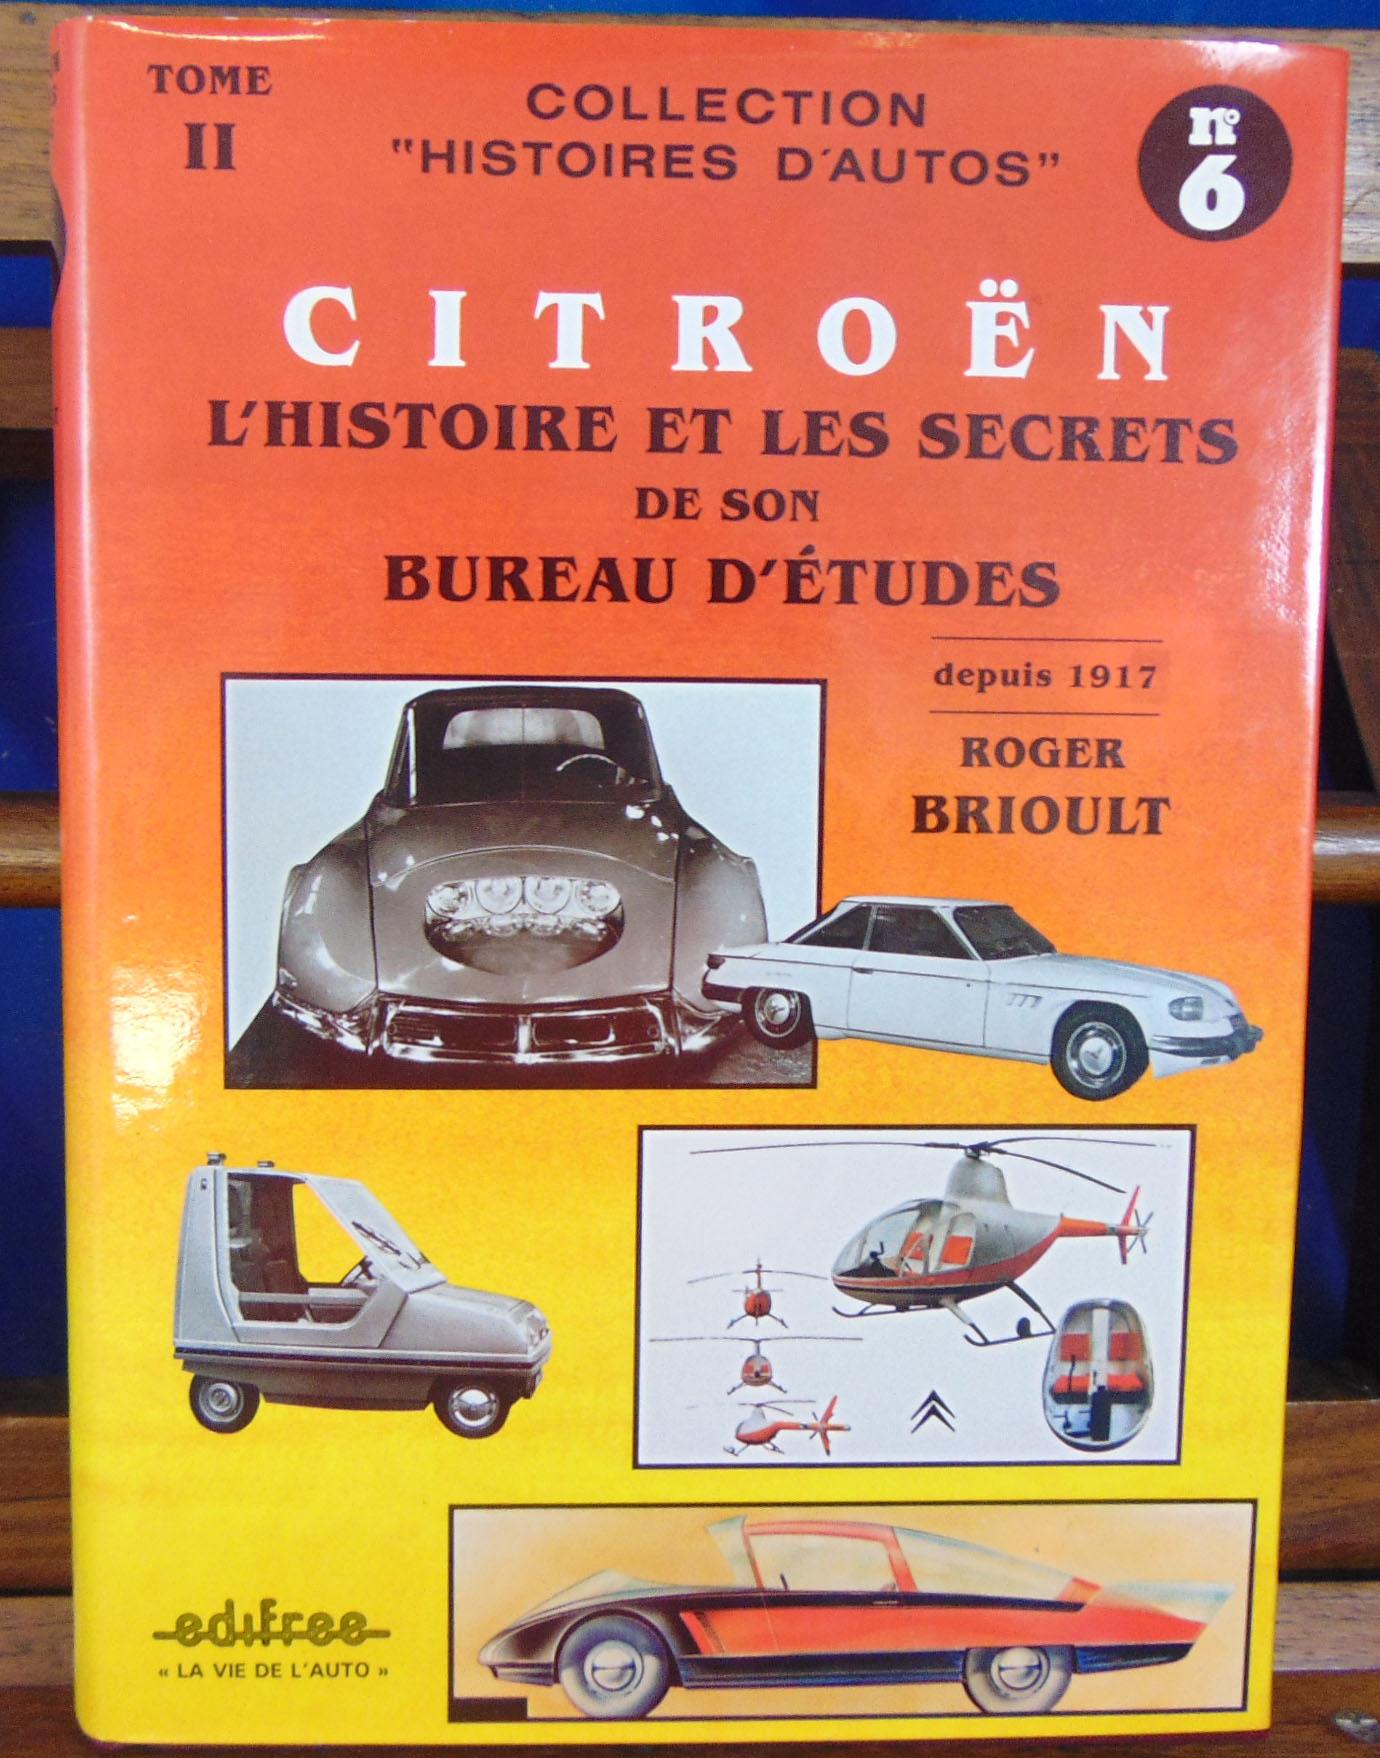 brioult roger citroen l 39 histoire et les secrets de son bureau d 39 tudes depuis 1917 tome 2. Black Bedroom Furniture Sets. Home Design Ideas